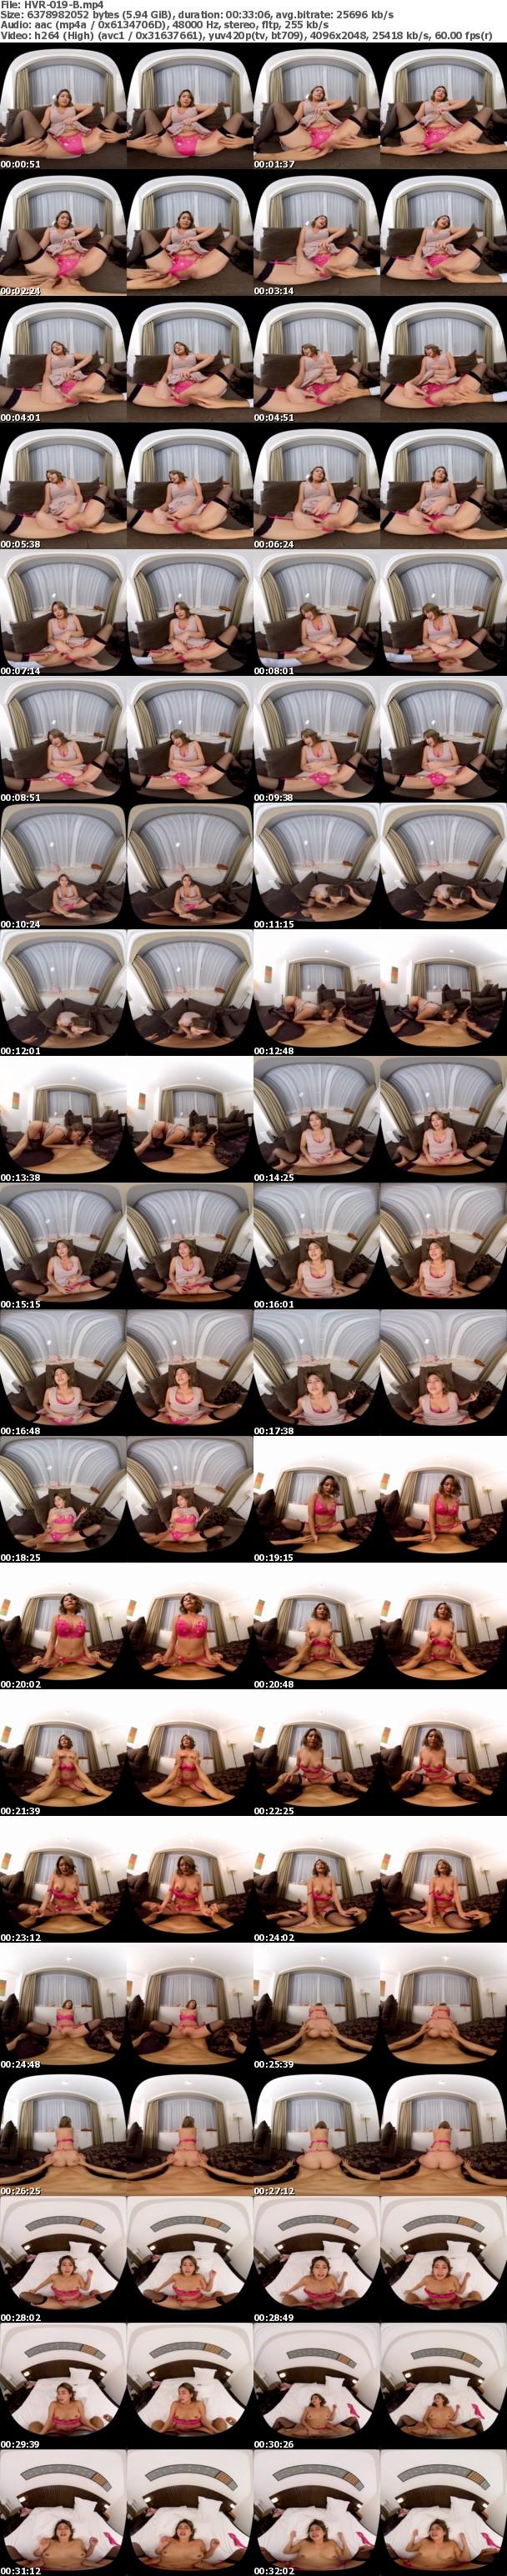 (VR) HVR-019 【野外露出×個撮ハメ撮り】褐色肌のGカップ巨乳ギャルに中出し!博多で働くネイリストの爆乳爆尻むっりちBODYに種付け!!